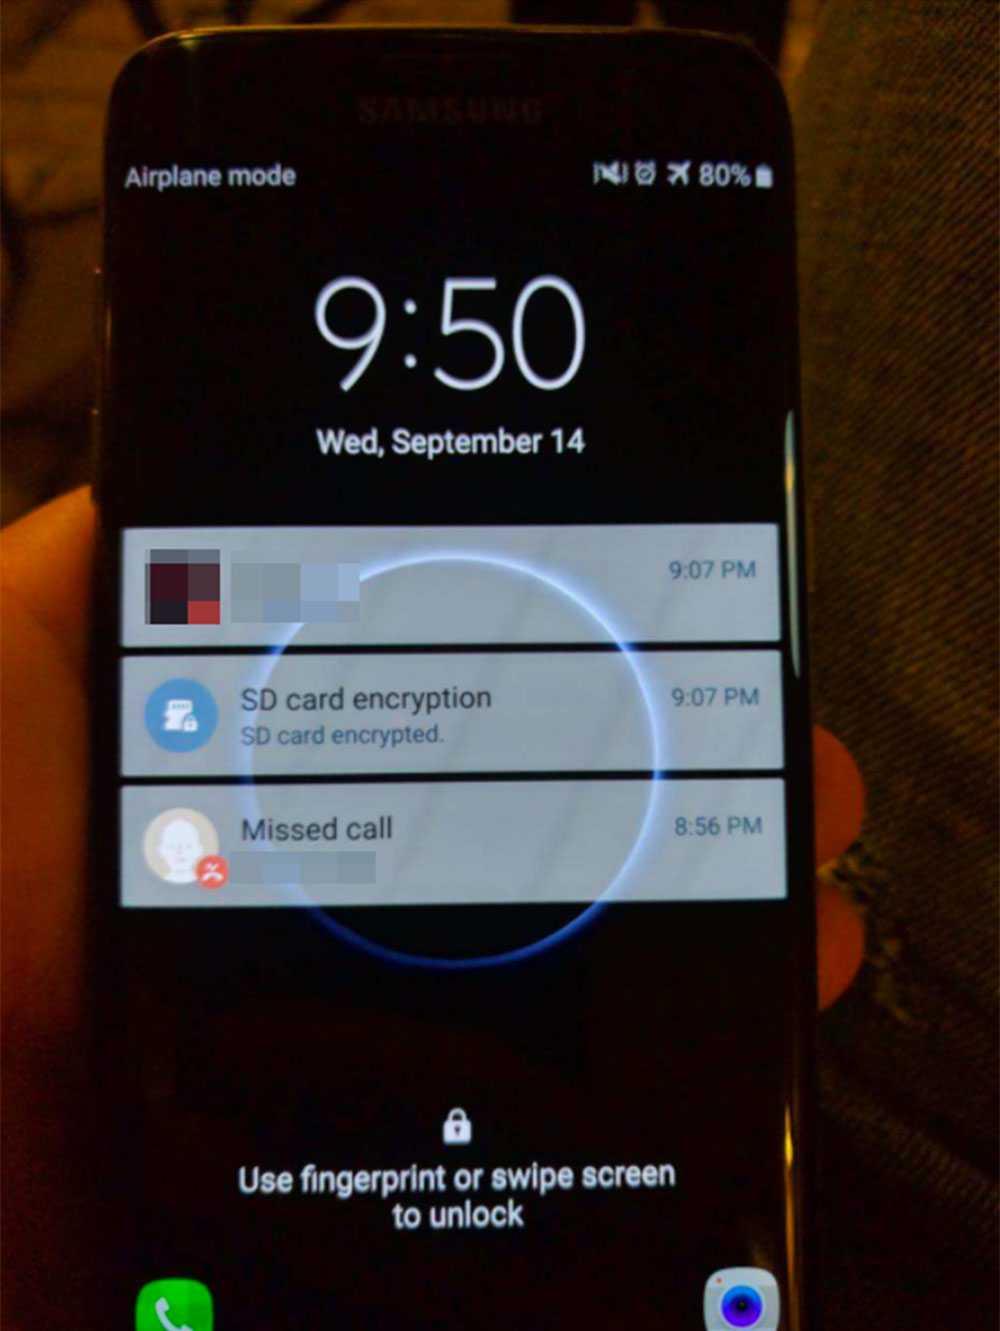 När polisen tog mannens mobiltelefon i beslag hade han börjat kryptera mobiltelefonens innehåll ett par minuter före polisingripandet – det syntes på displayen.